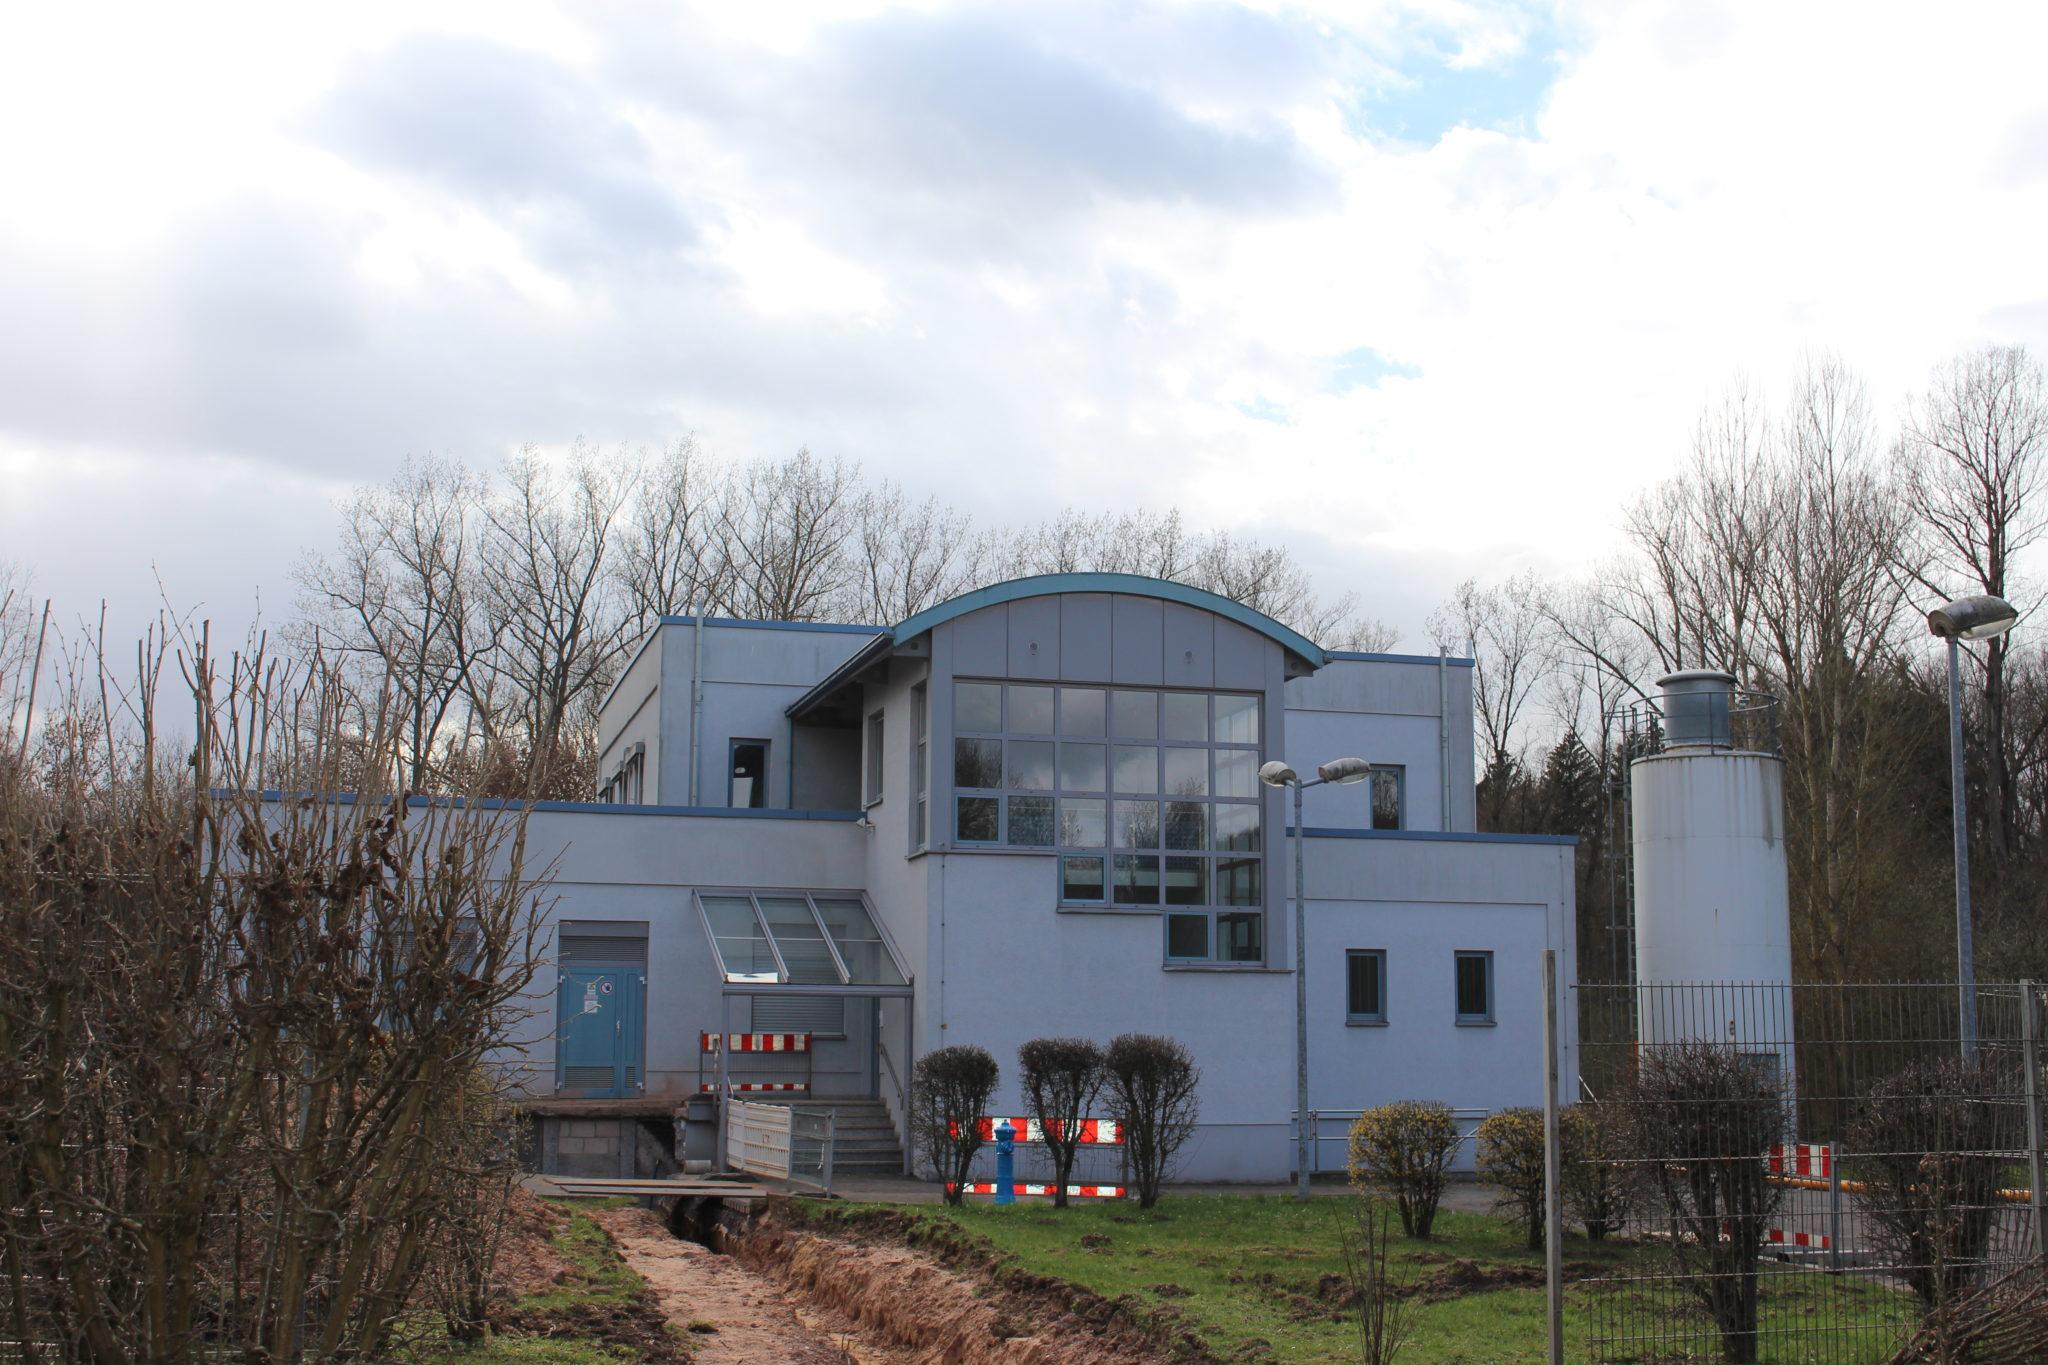 zu sehen ist das Wasserwerk Pulvermühle in der Dillmannsbornstraße